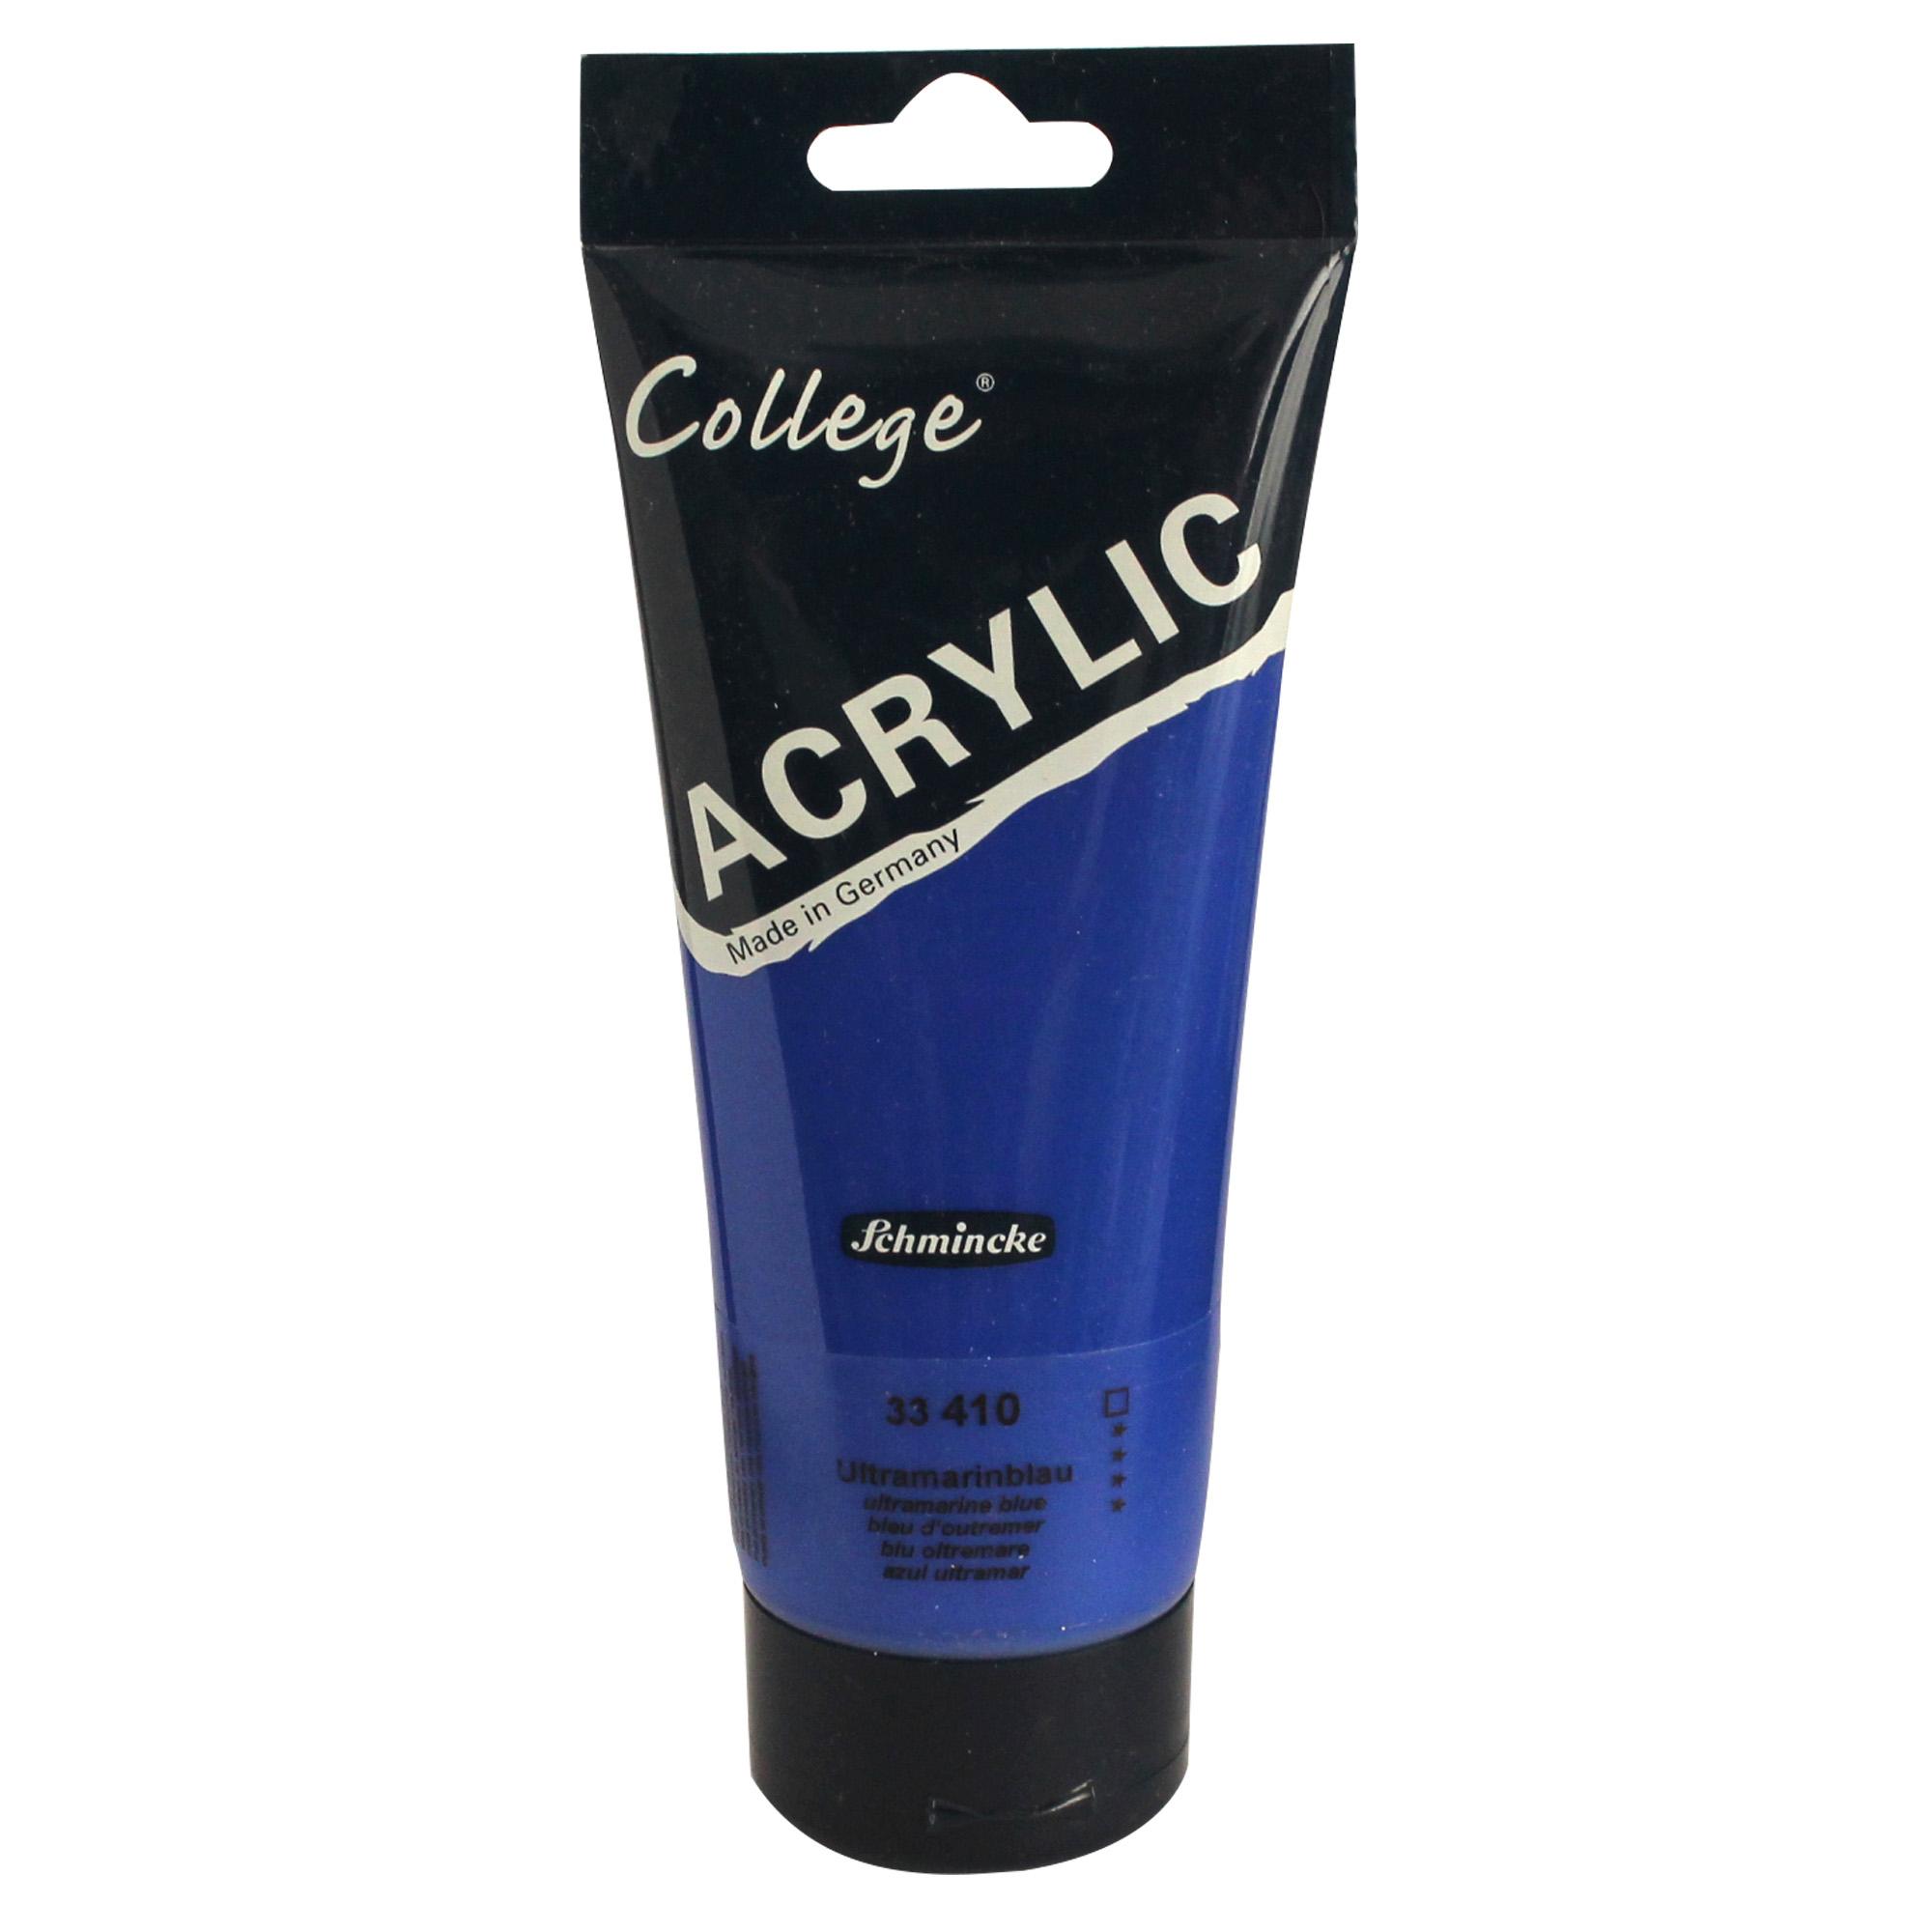 رنگ اکریلیک اشمینک مدل College کد 33410 حجم 200 میلی لیتر